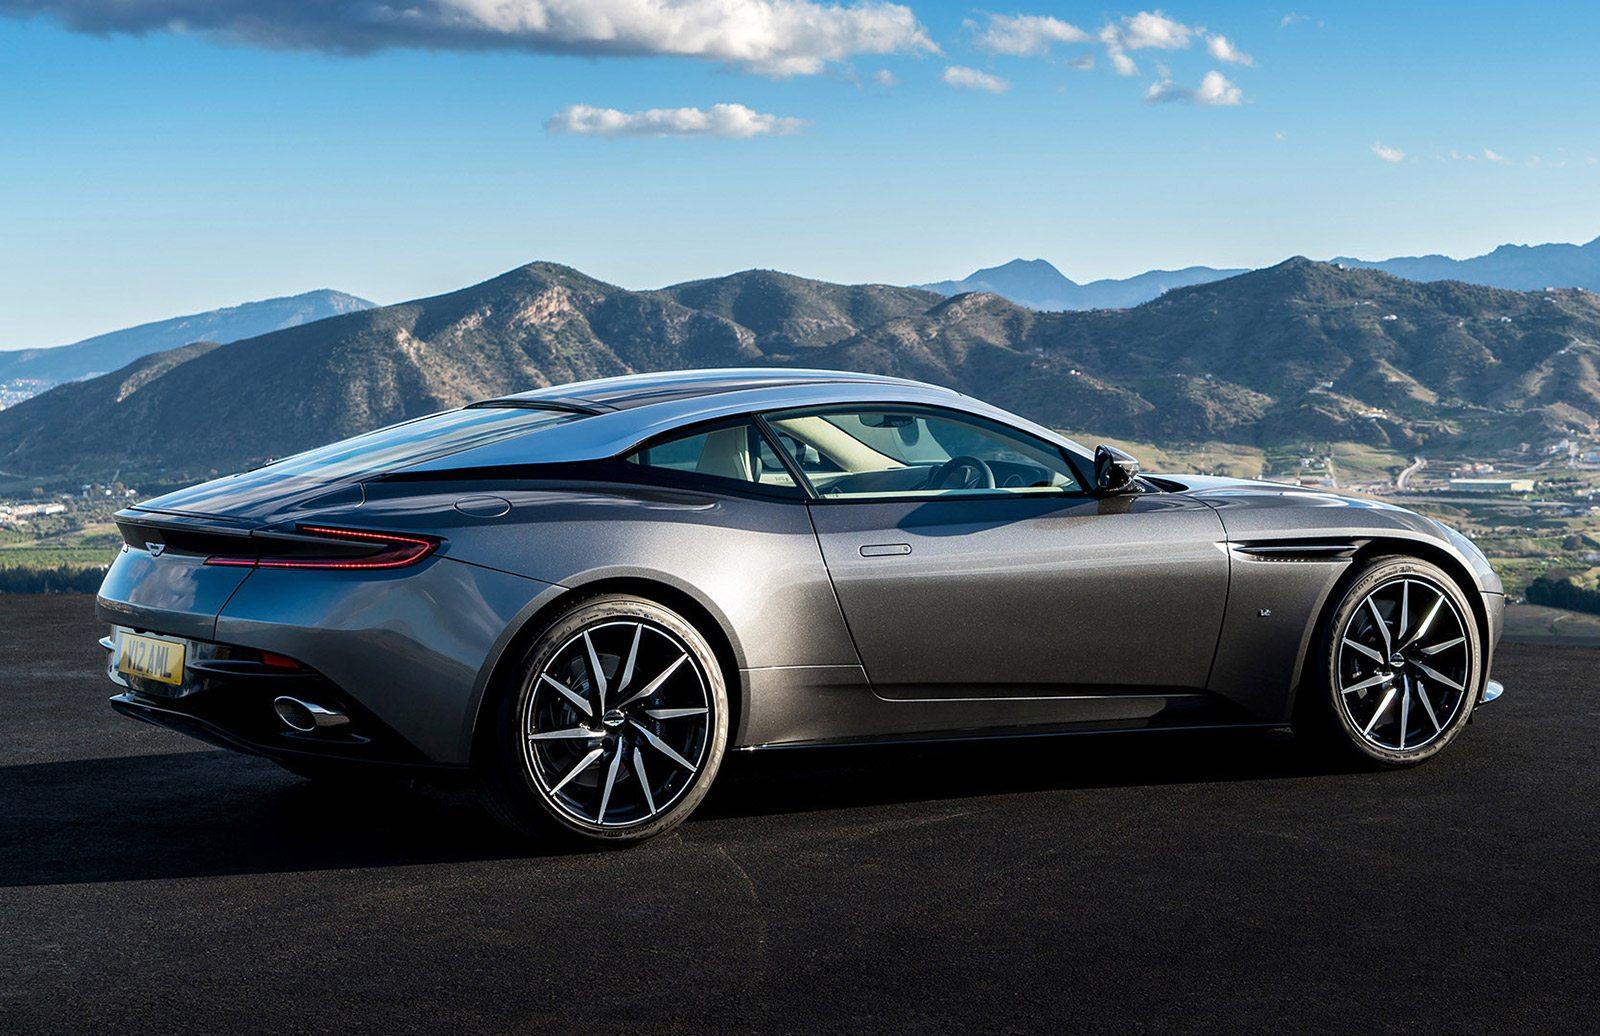 Aston Martin DB Review Oracle Time - Aston martin db 11